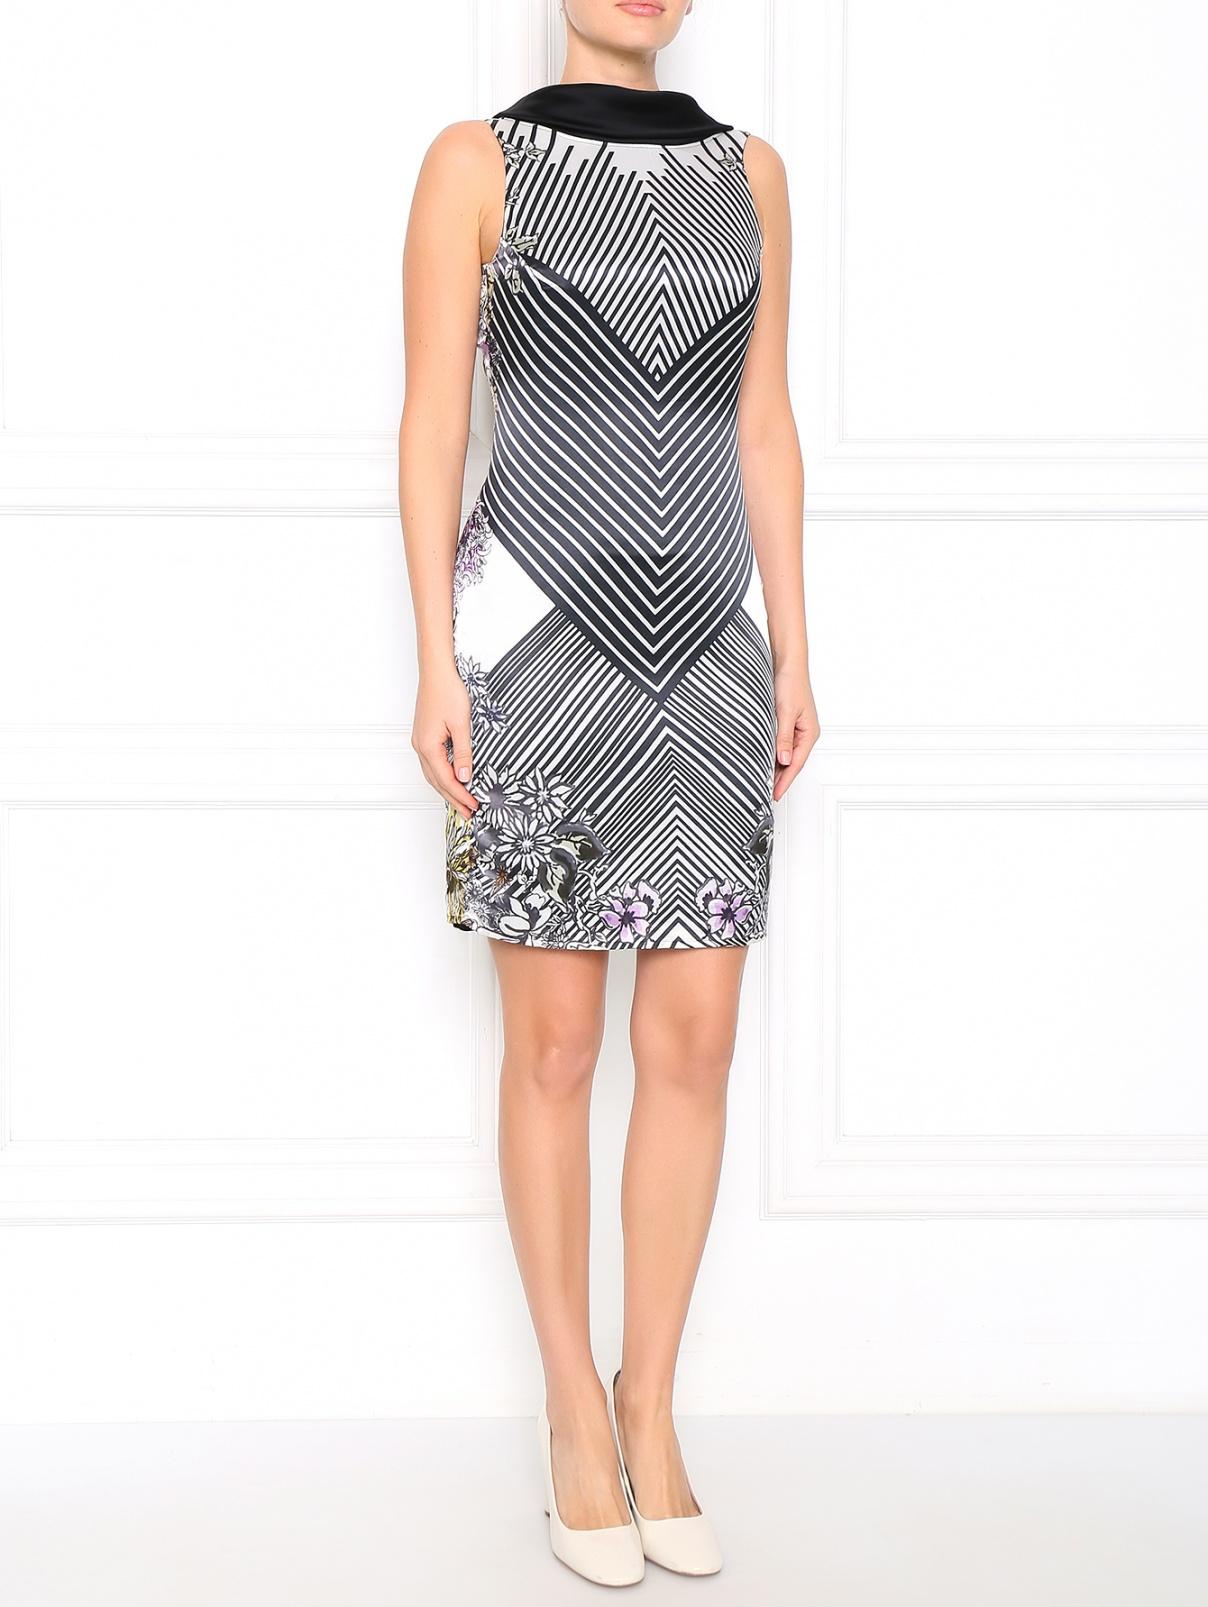 Платье с открытой спиной и узором Caractere  –  Модель Общий вид  – Цвет:  Черный